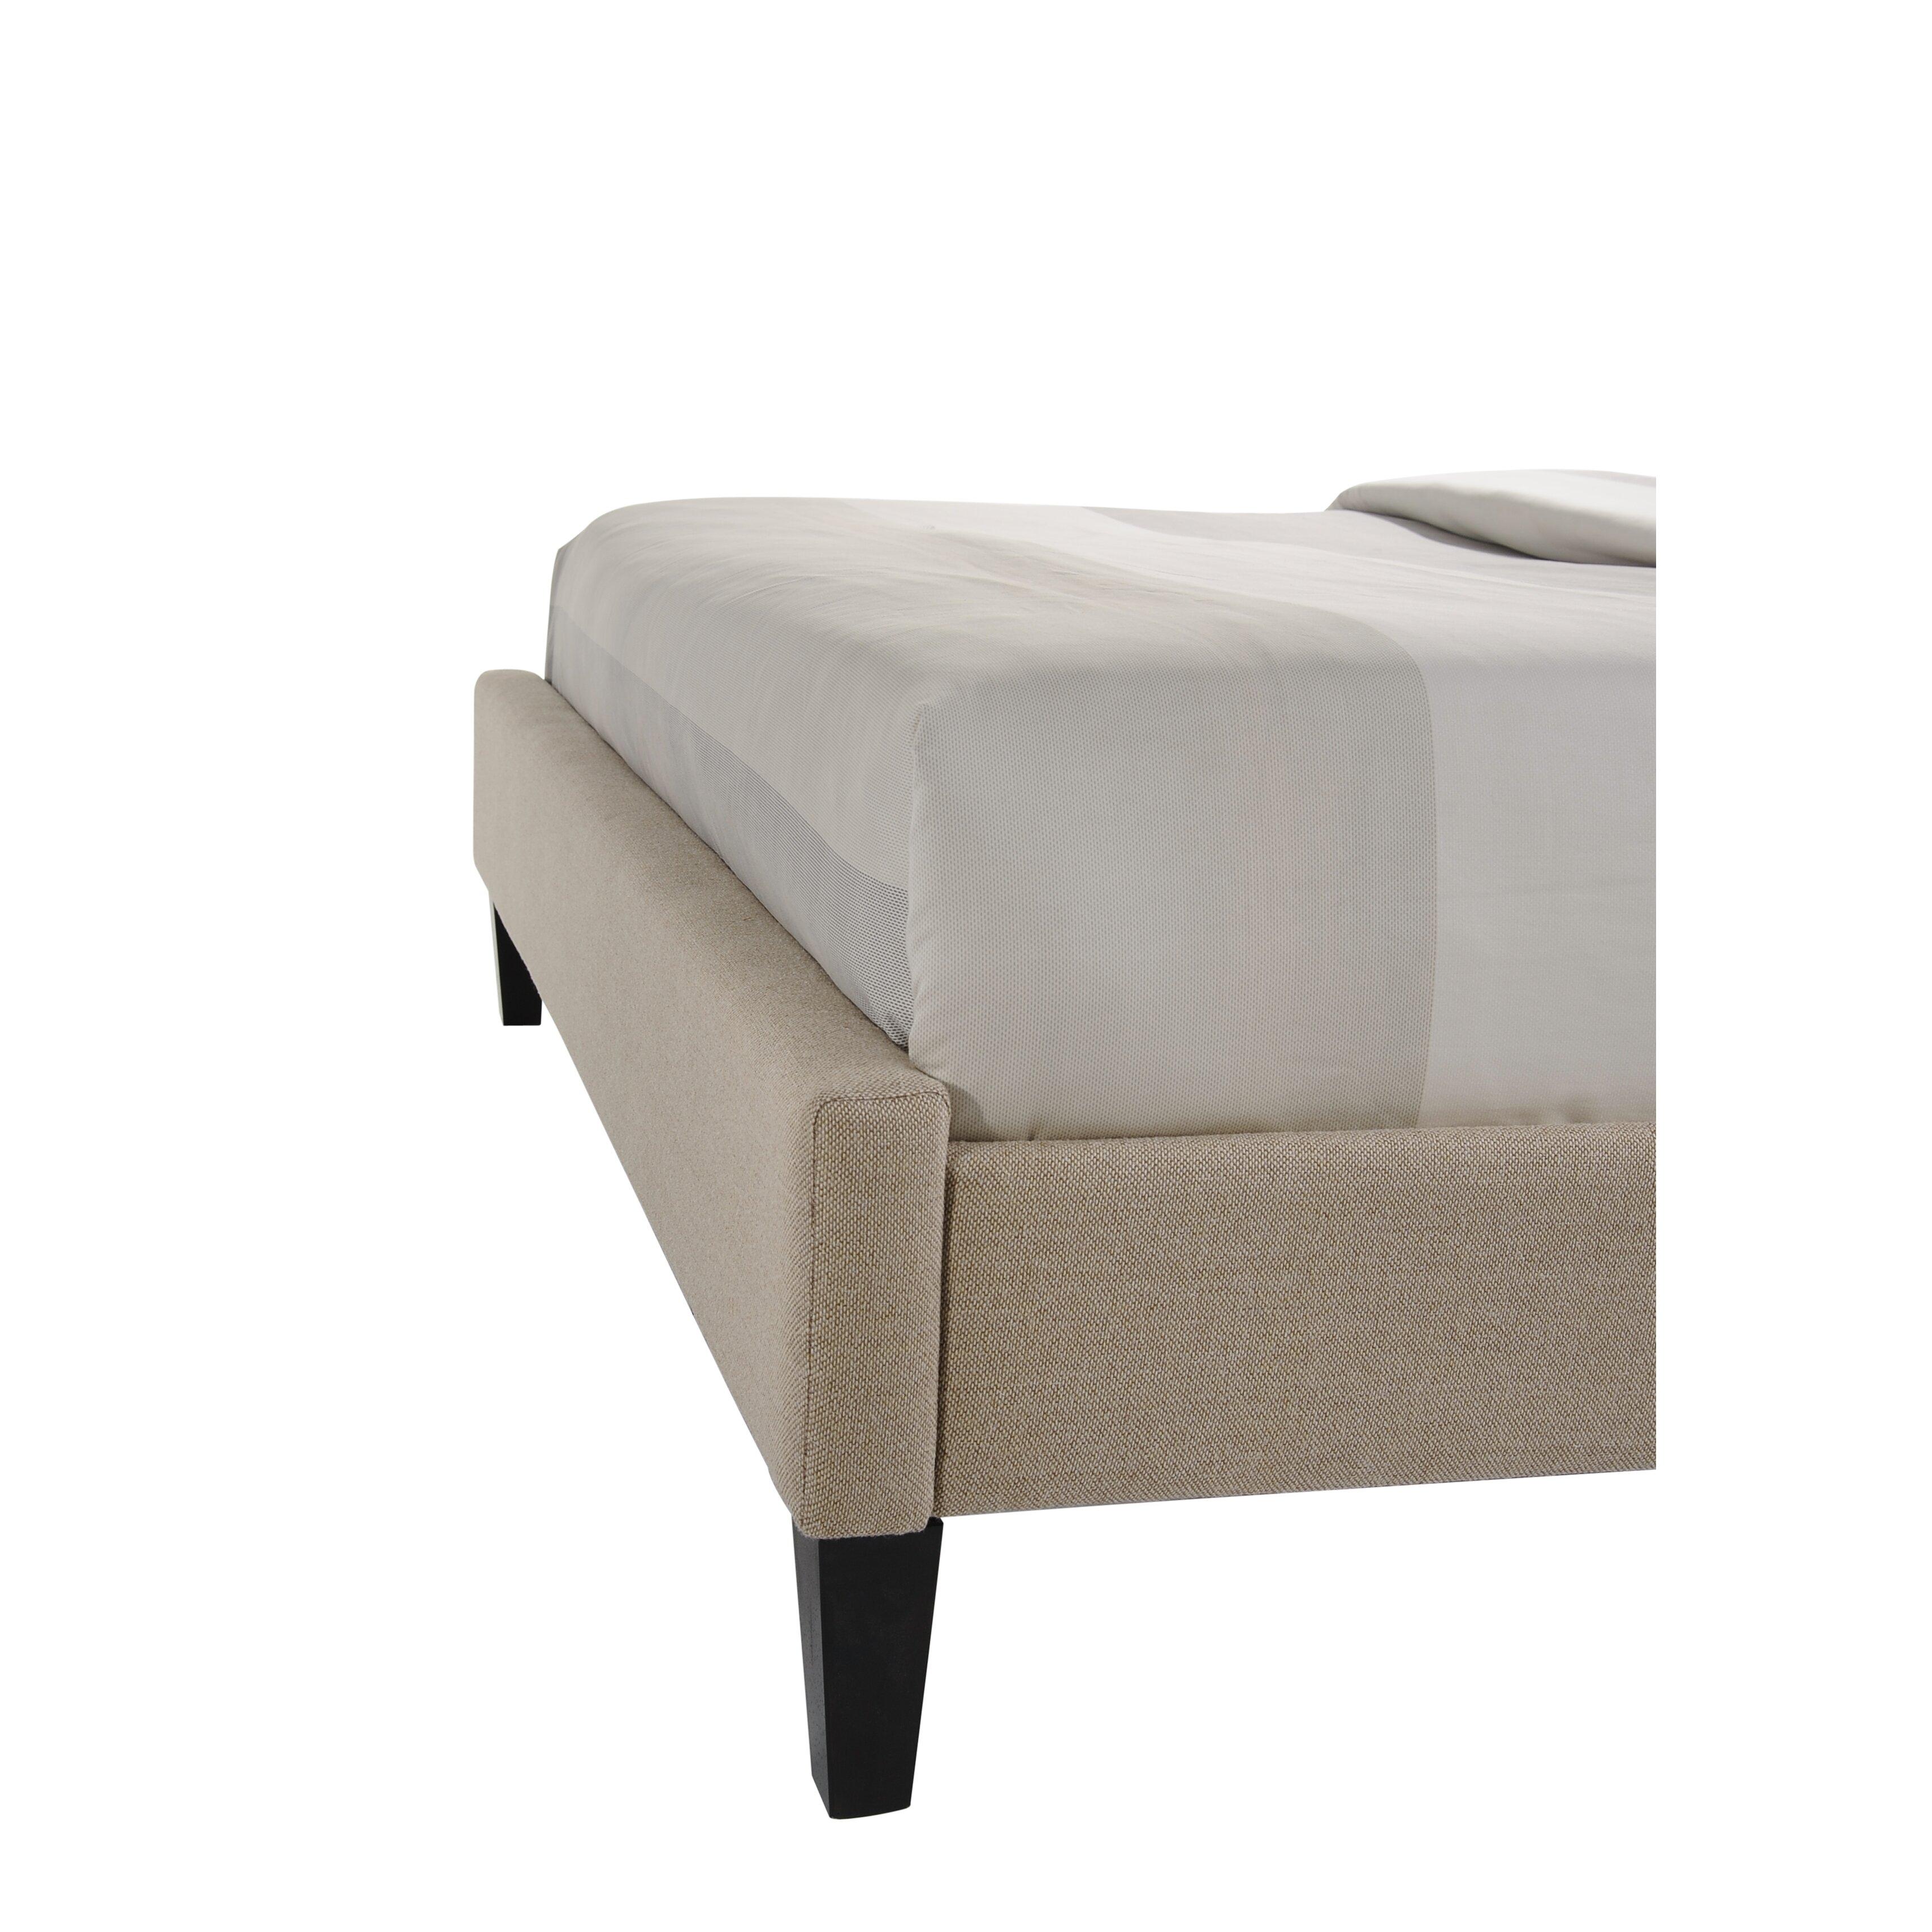 Altoshome Upholstered Platform Bed Reviews Wayfair